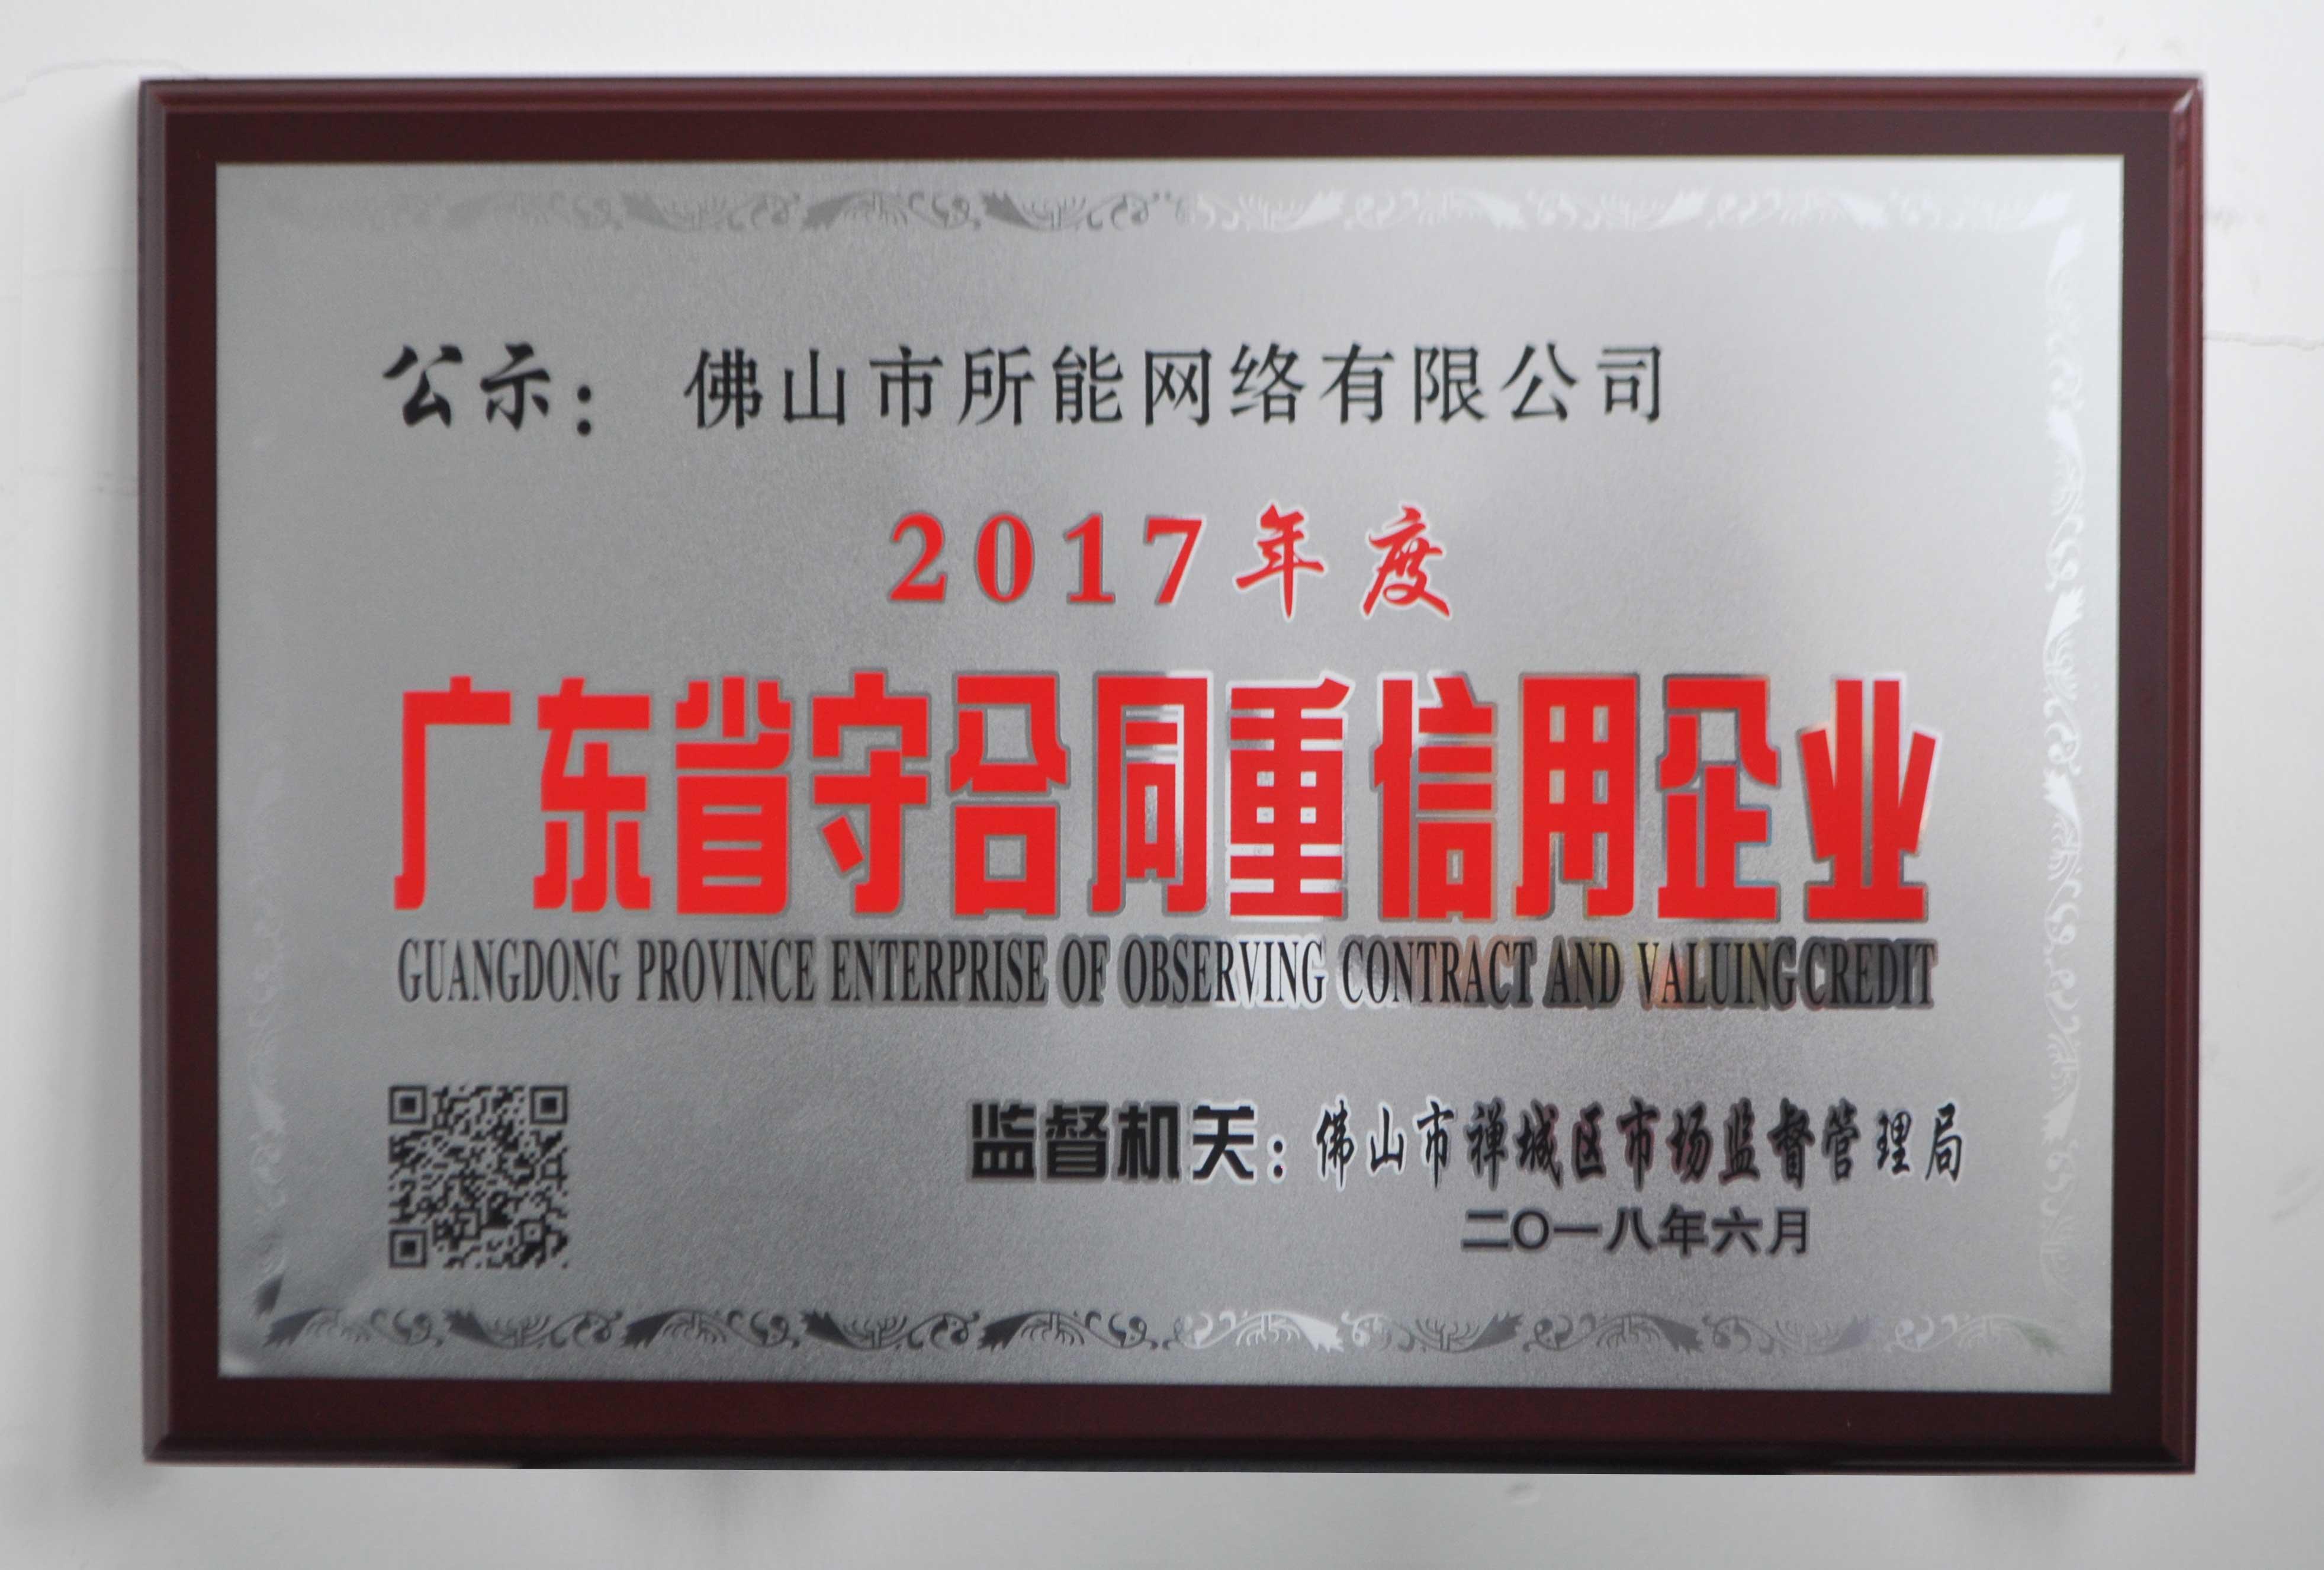 """所能网络研发中心荣获""""2017年度广东省守合同重信用企业""""证书"""